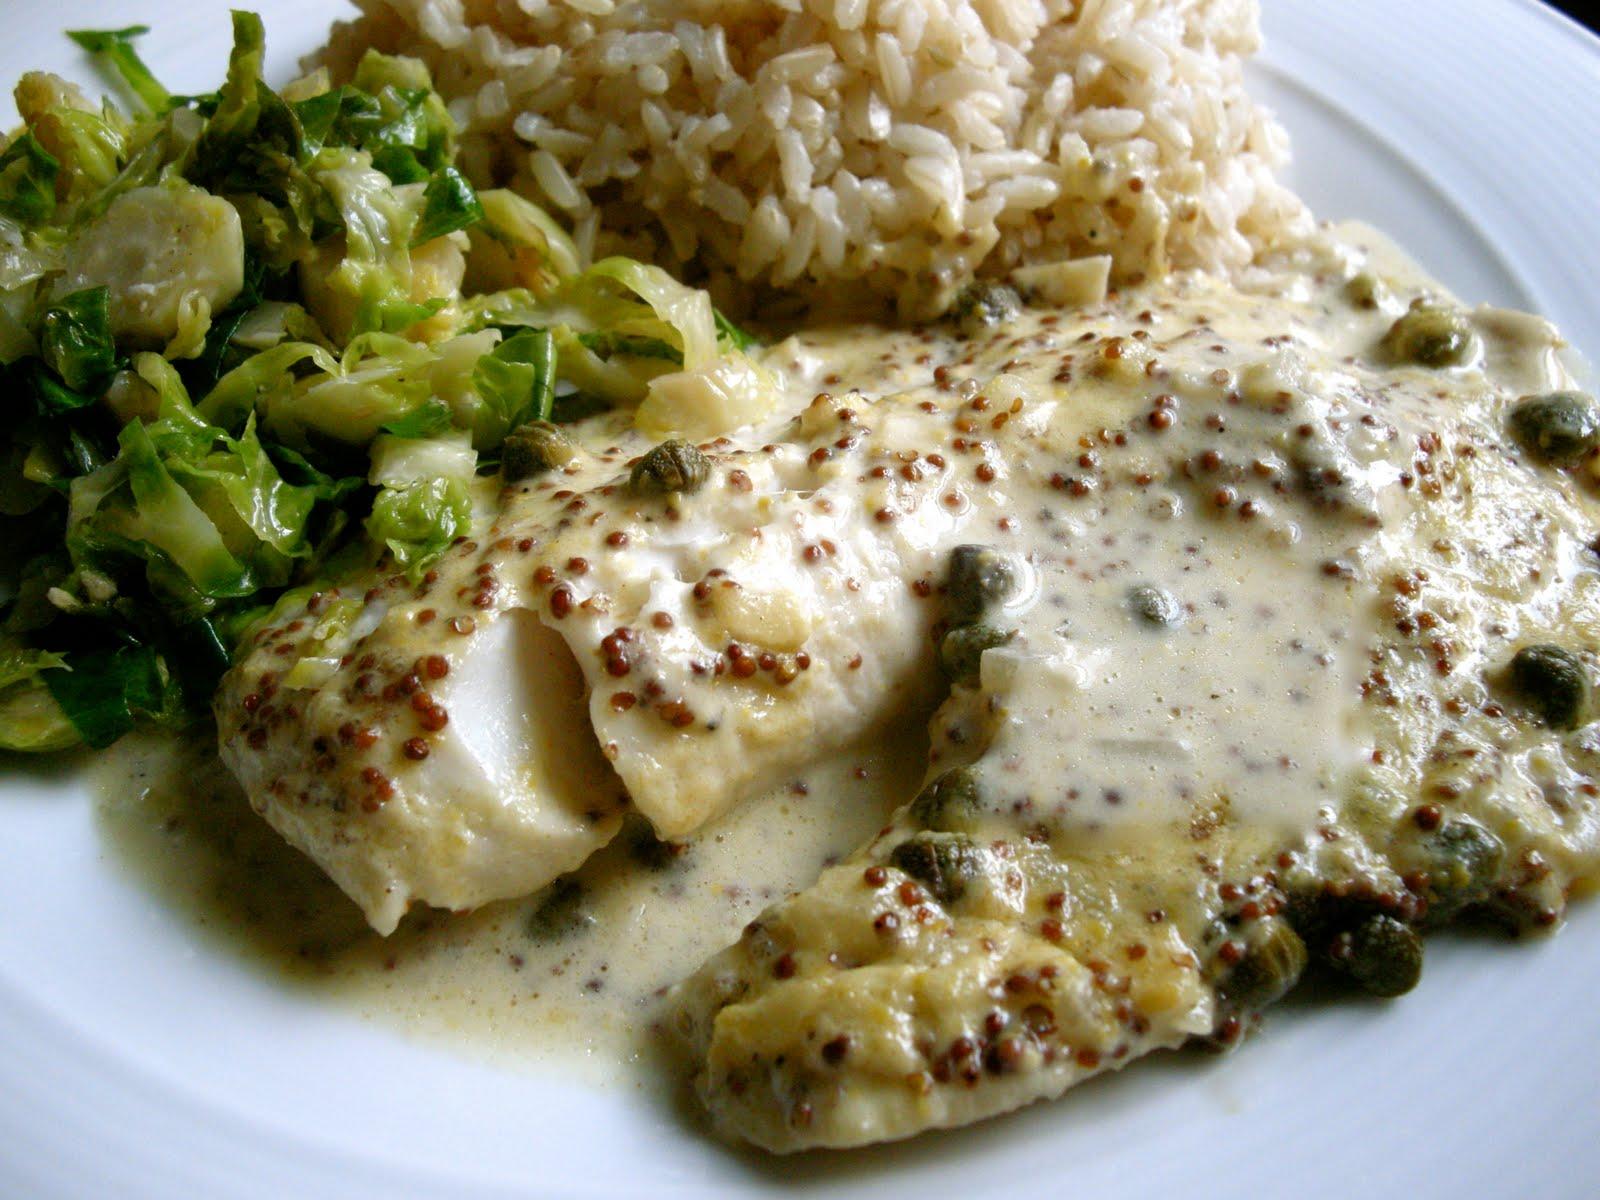 Foodism mom mustard roasted fish for Ina garten mustard fish